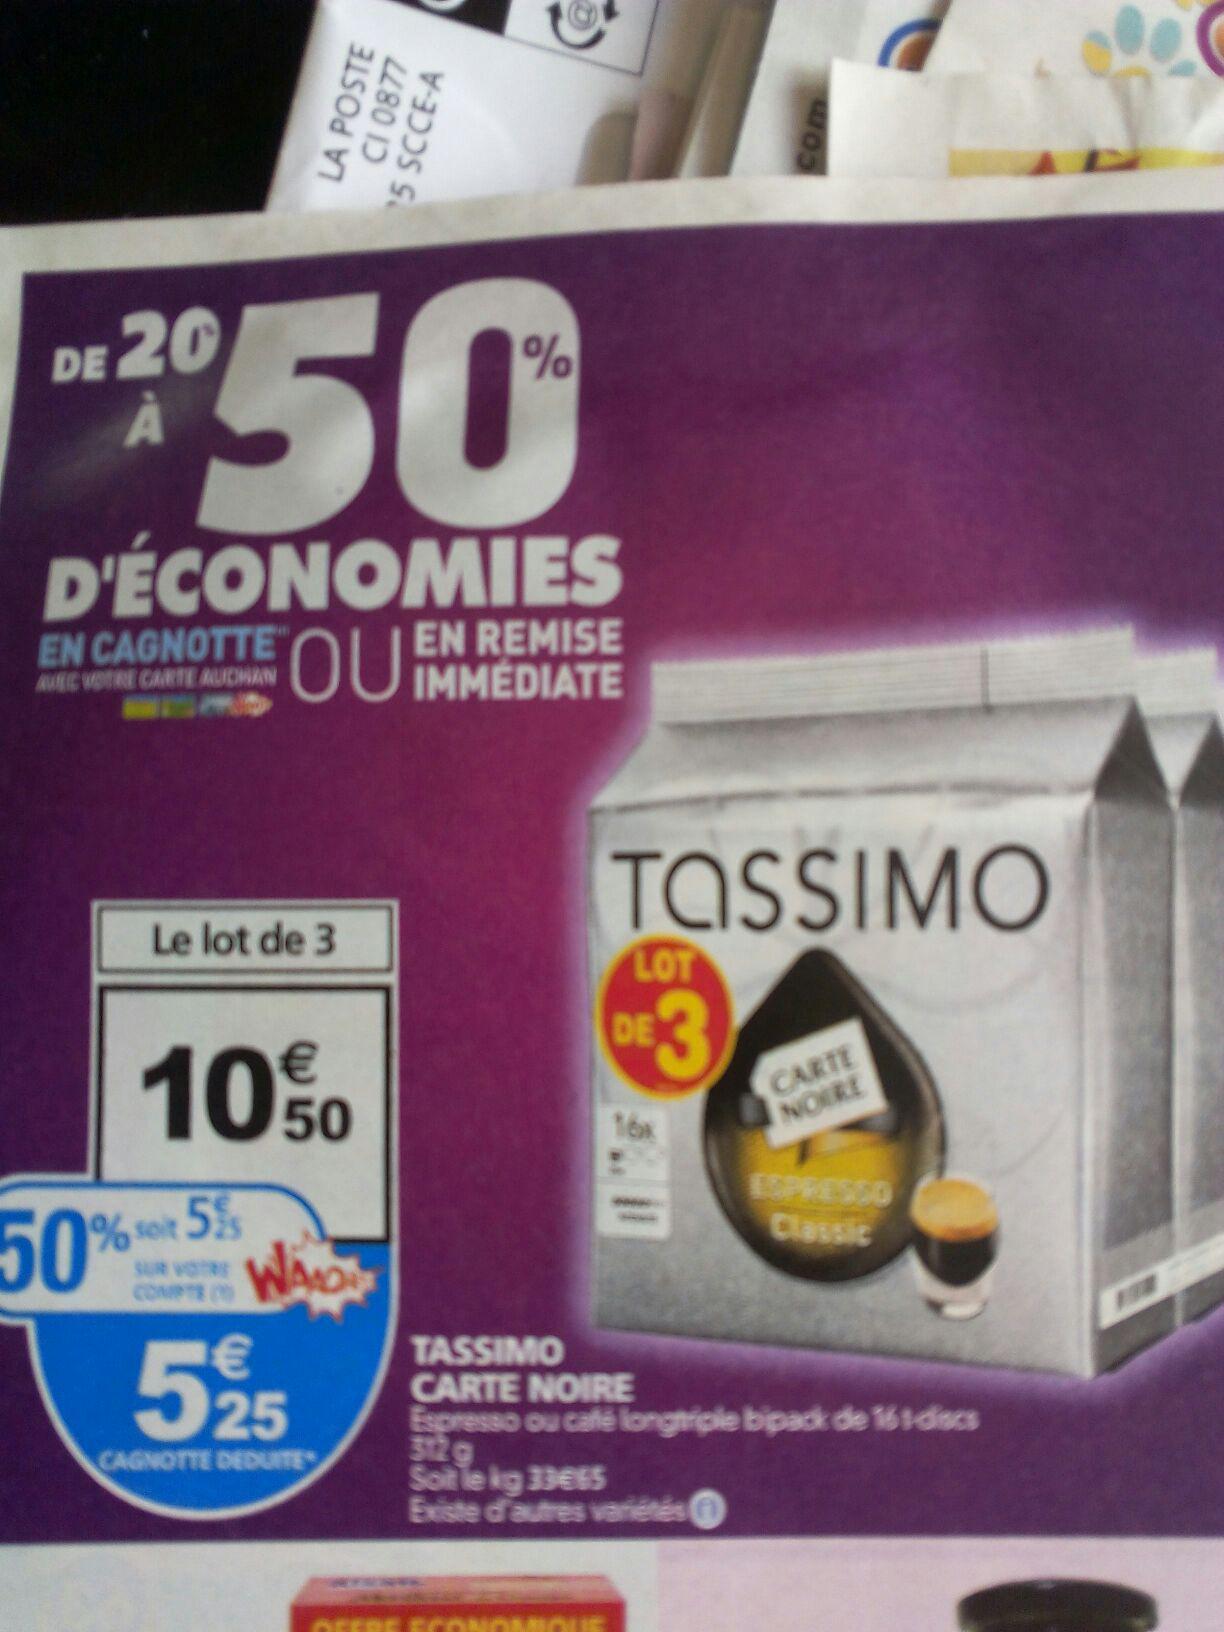 3 paquets de Tassimo Carte Noire (50% sur la carte)